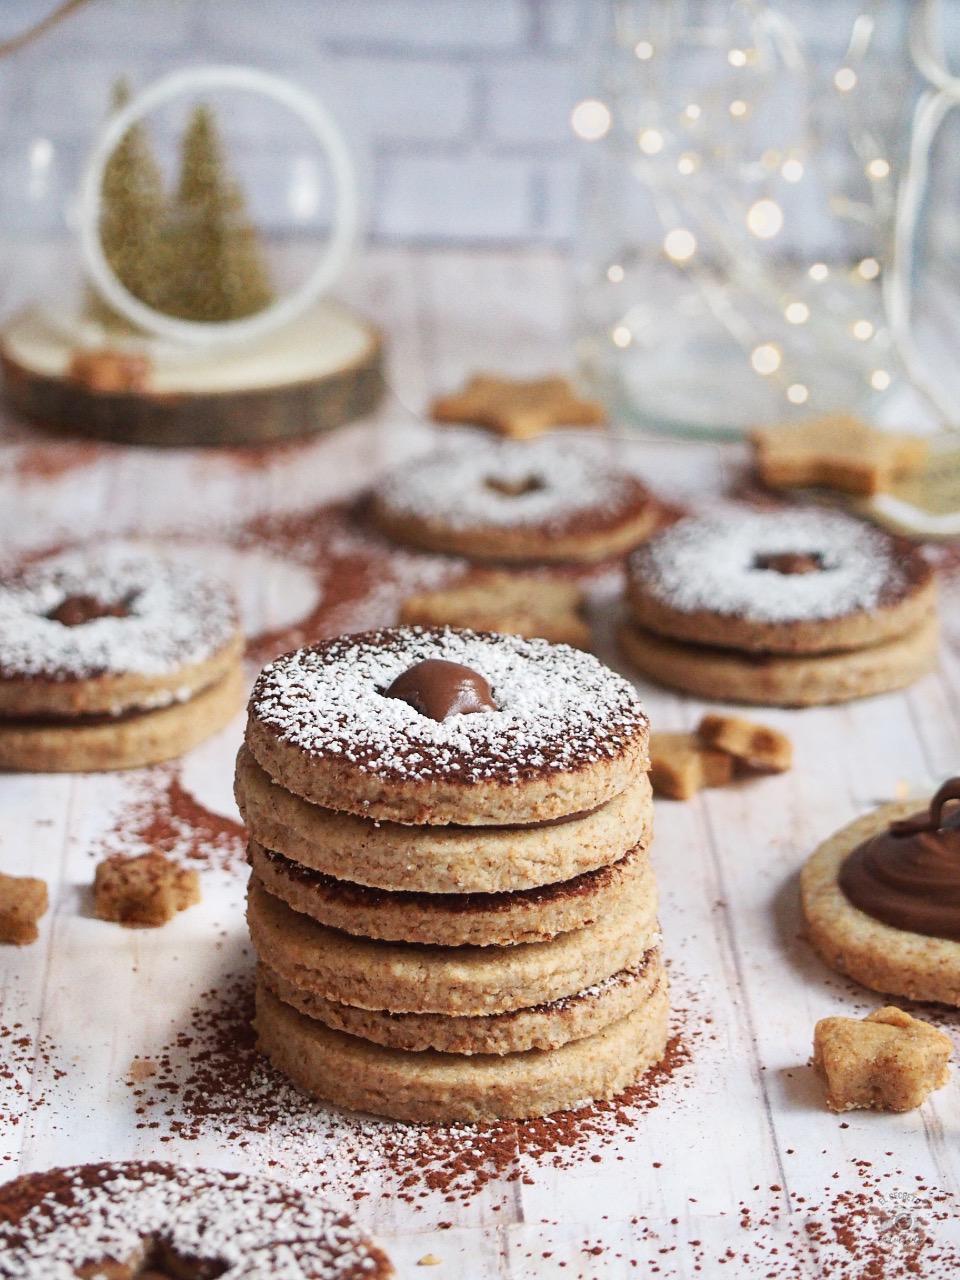 Recipe cookies spitzbuben christmas receta galletas suizas navidad